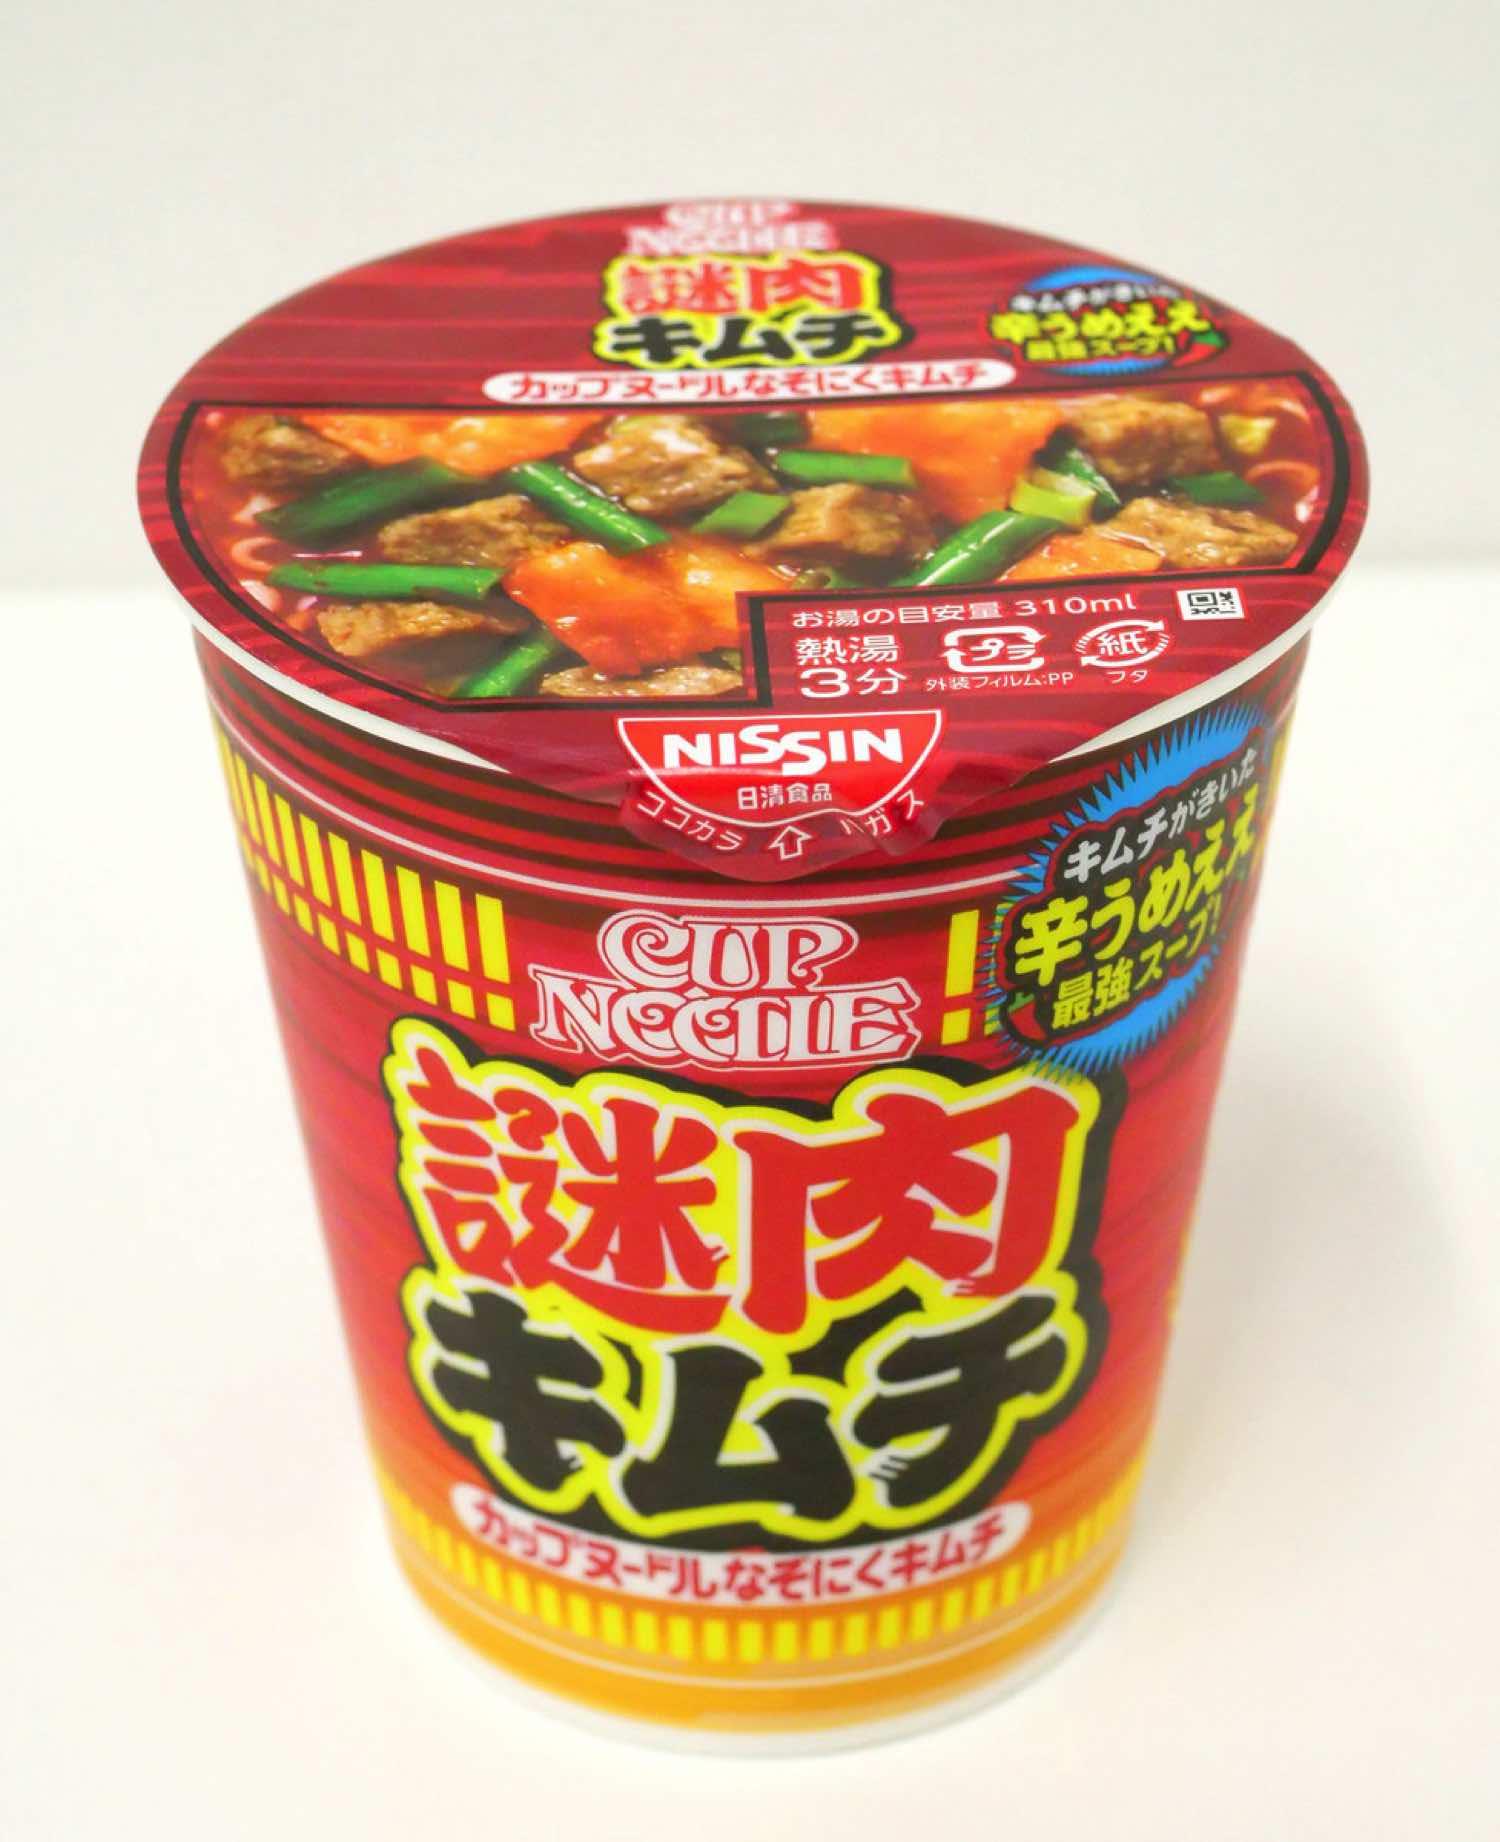 カップヌードル 謎肉キムチ 日本開賣  謎肉泡菜完美配合